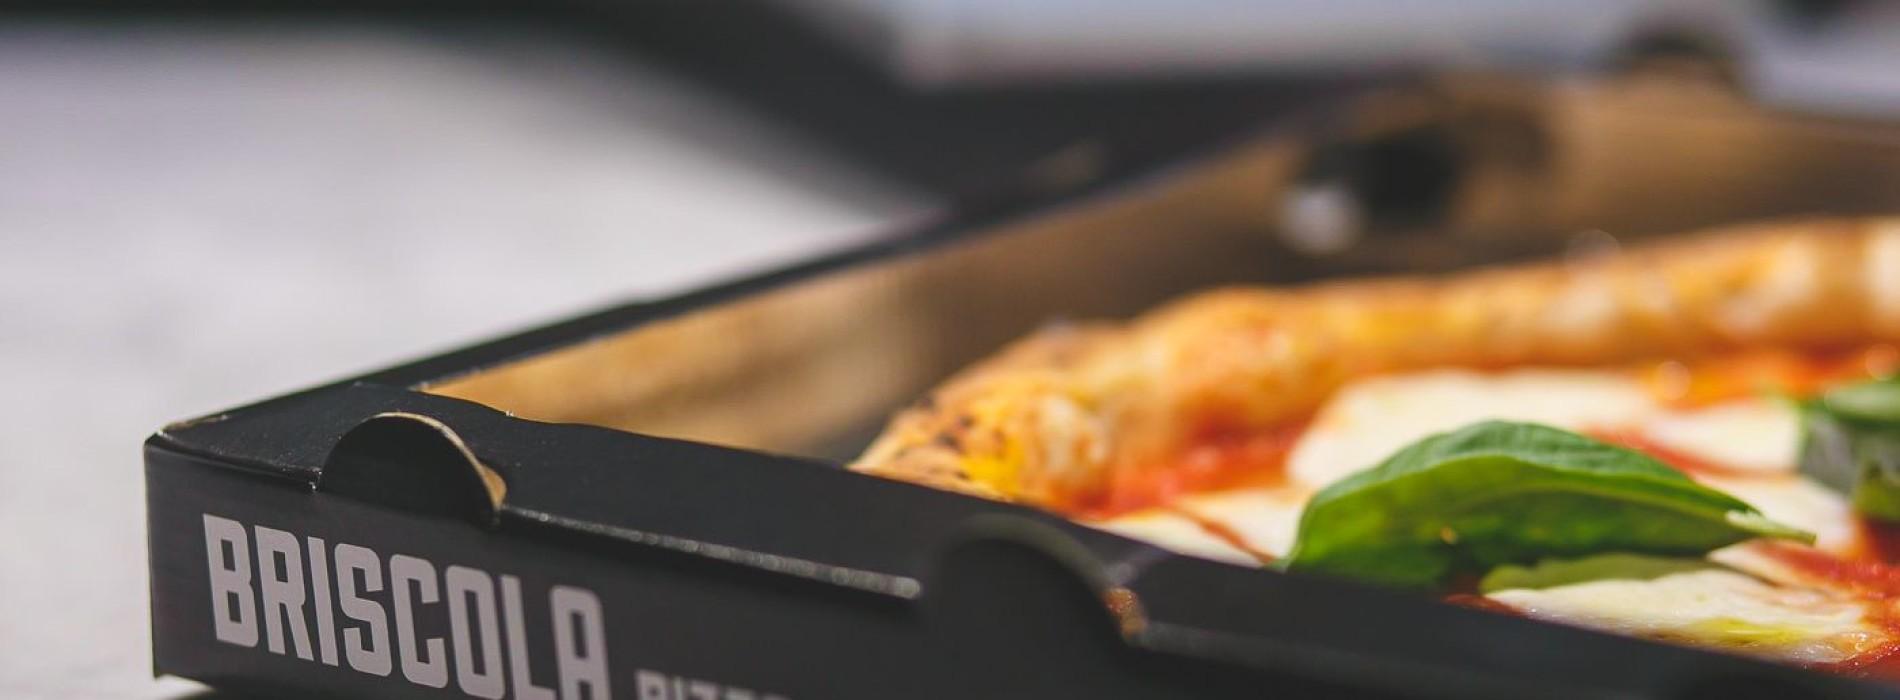 Briscola Pizza Society a Milano: la pizza napoletana personalizzata da condividere con gli amici